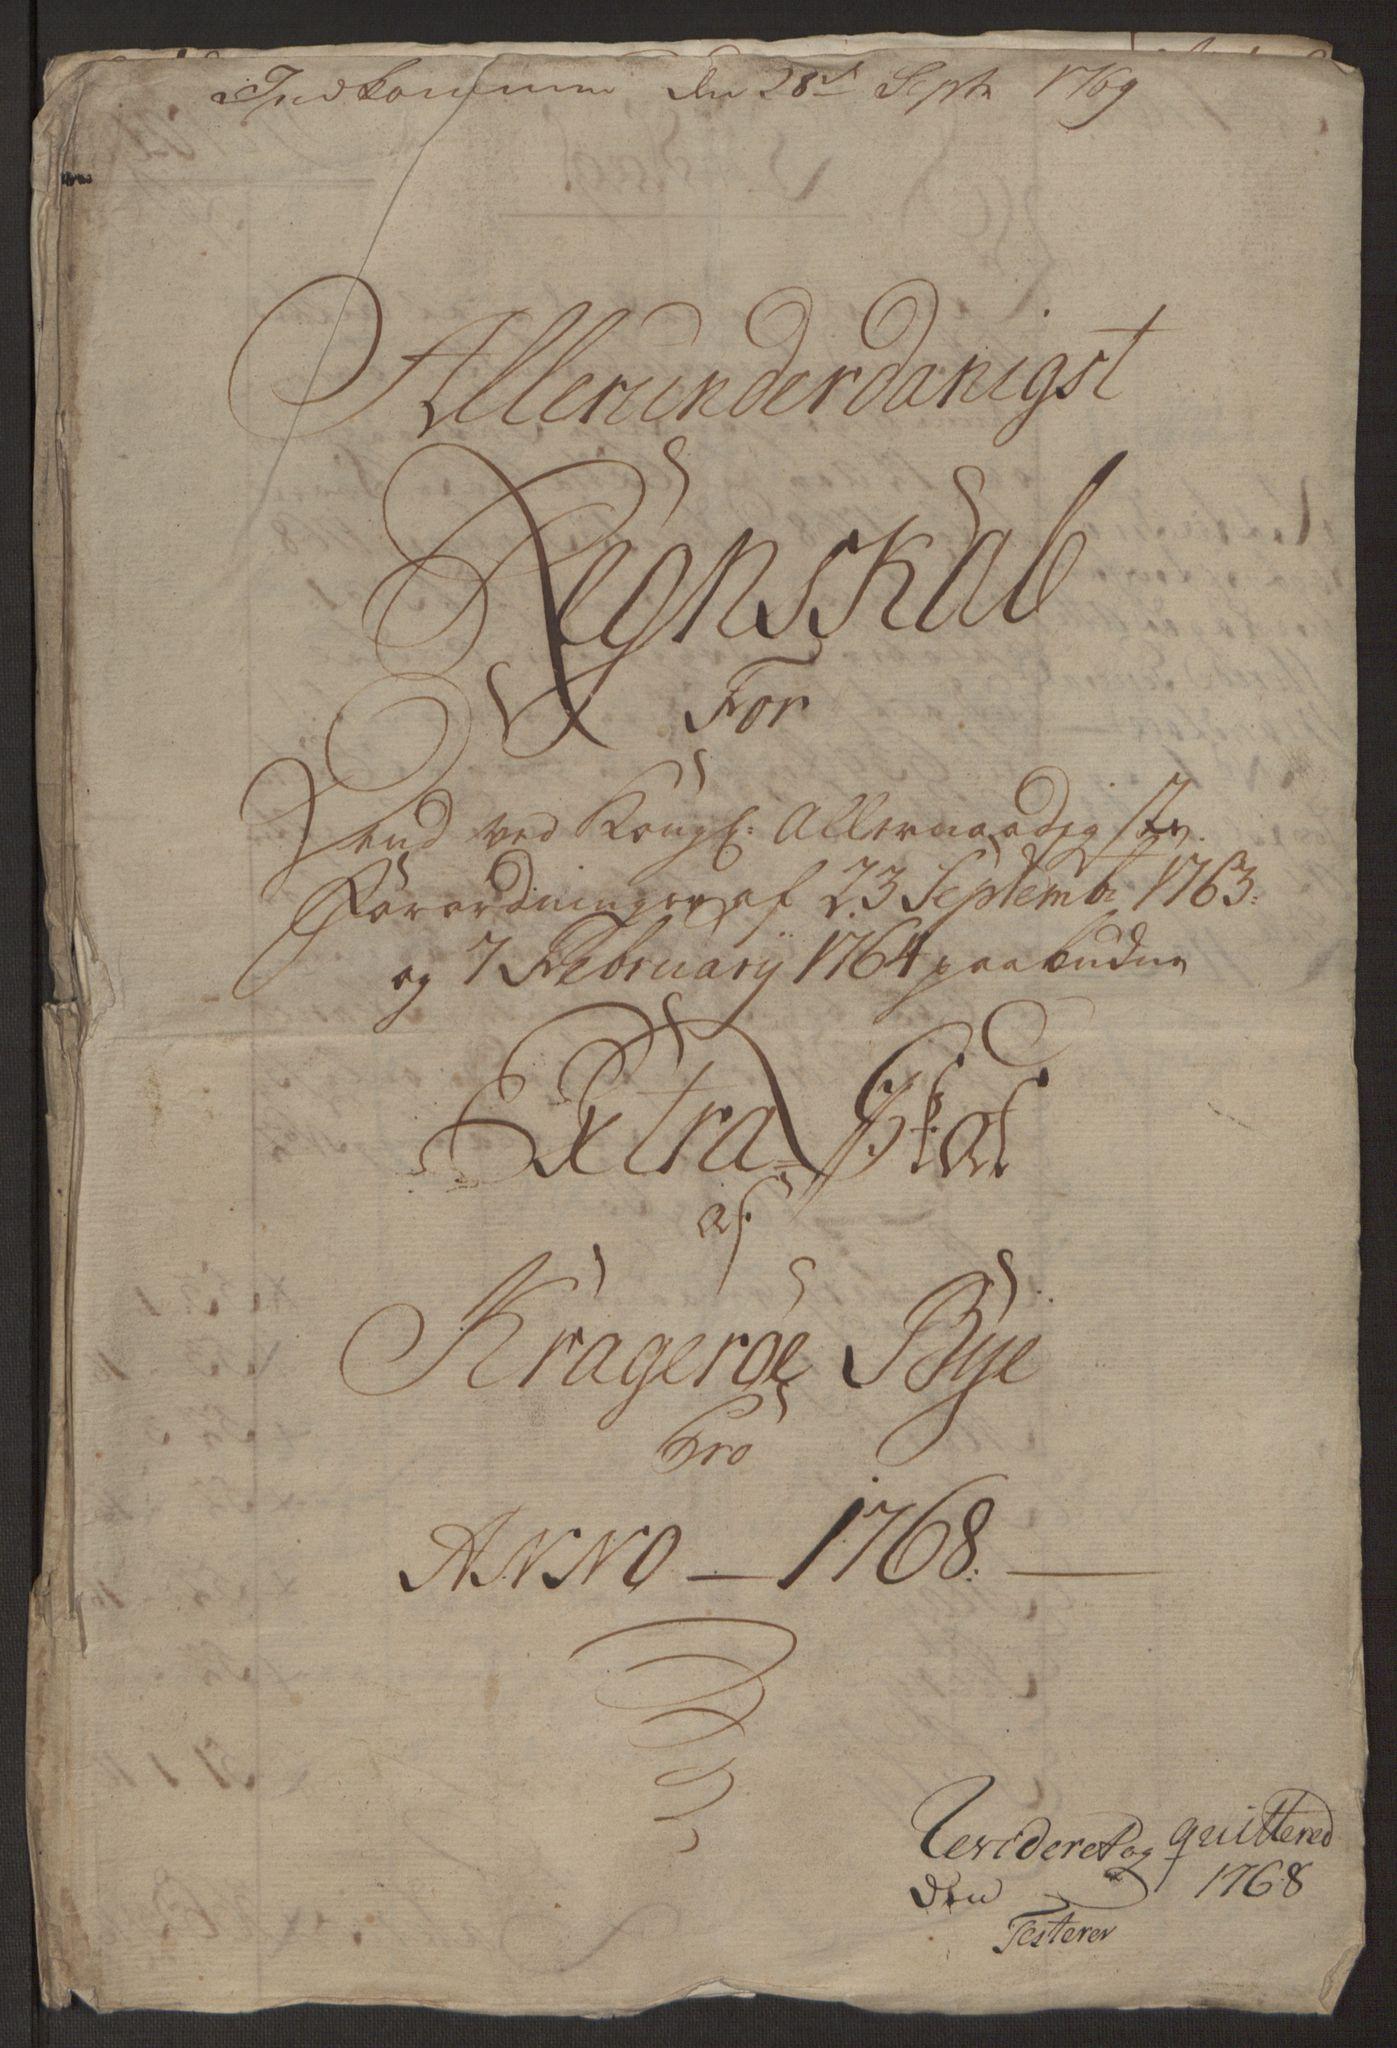 RA, Rentekammeret inntil 1814, Reviderte regnskaper, Byregnskaper, R/Rk/L0218: [K2] Kontribusjonsregnskap, 1768-1772, s. 3